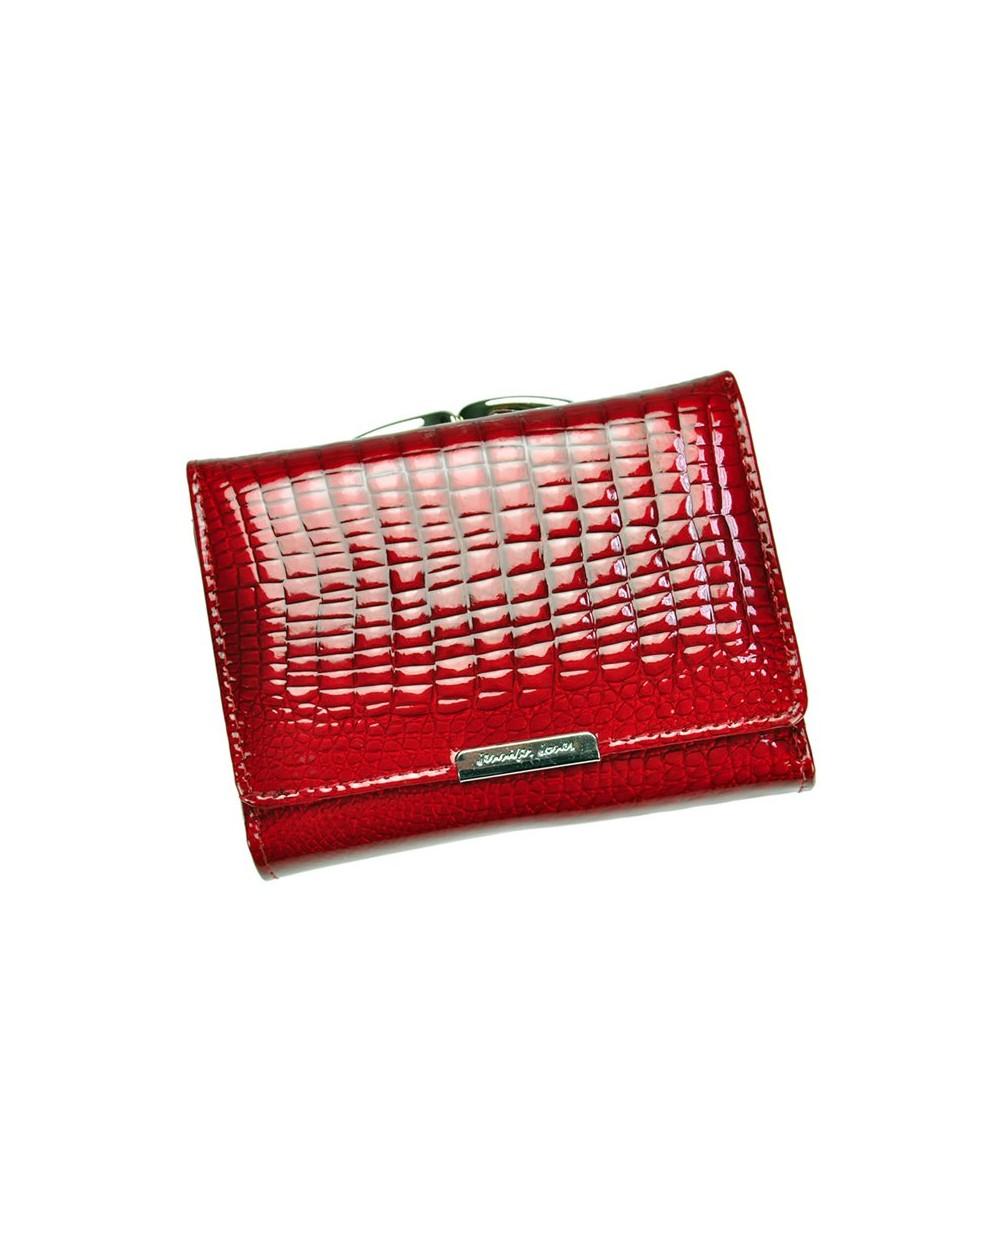 Damski portfel ze skóry lakierowanej croco Jennifer Jones czerwony